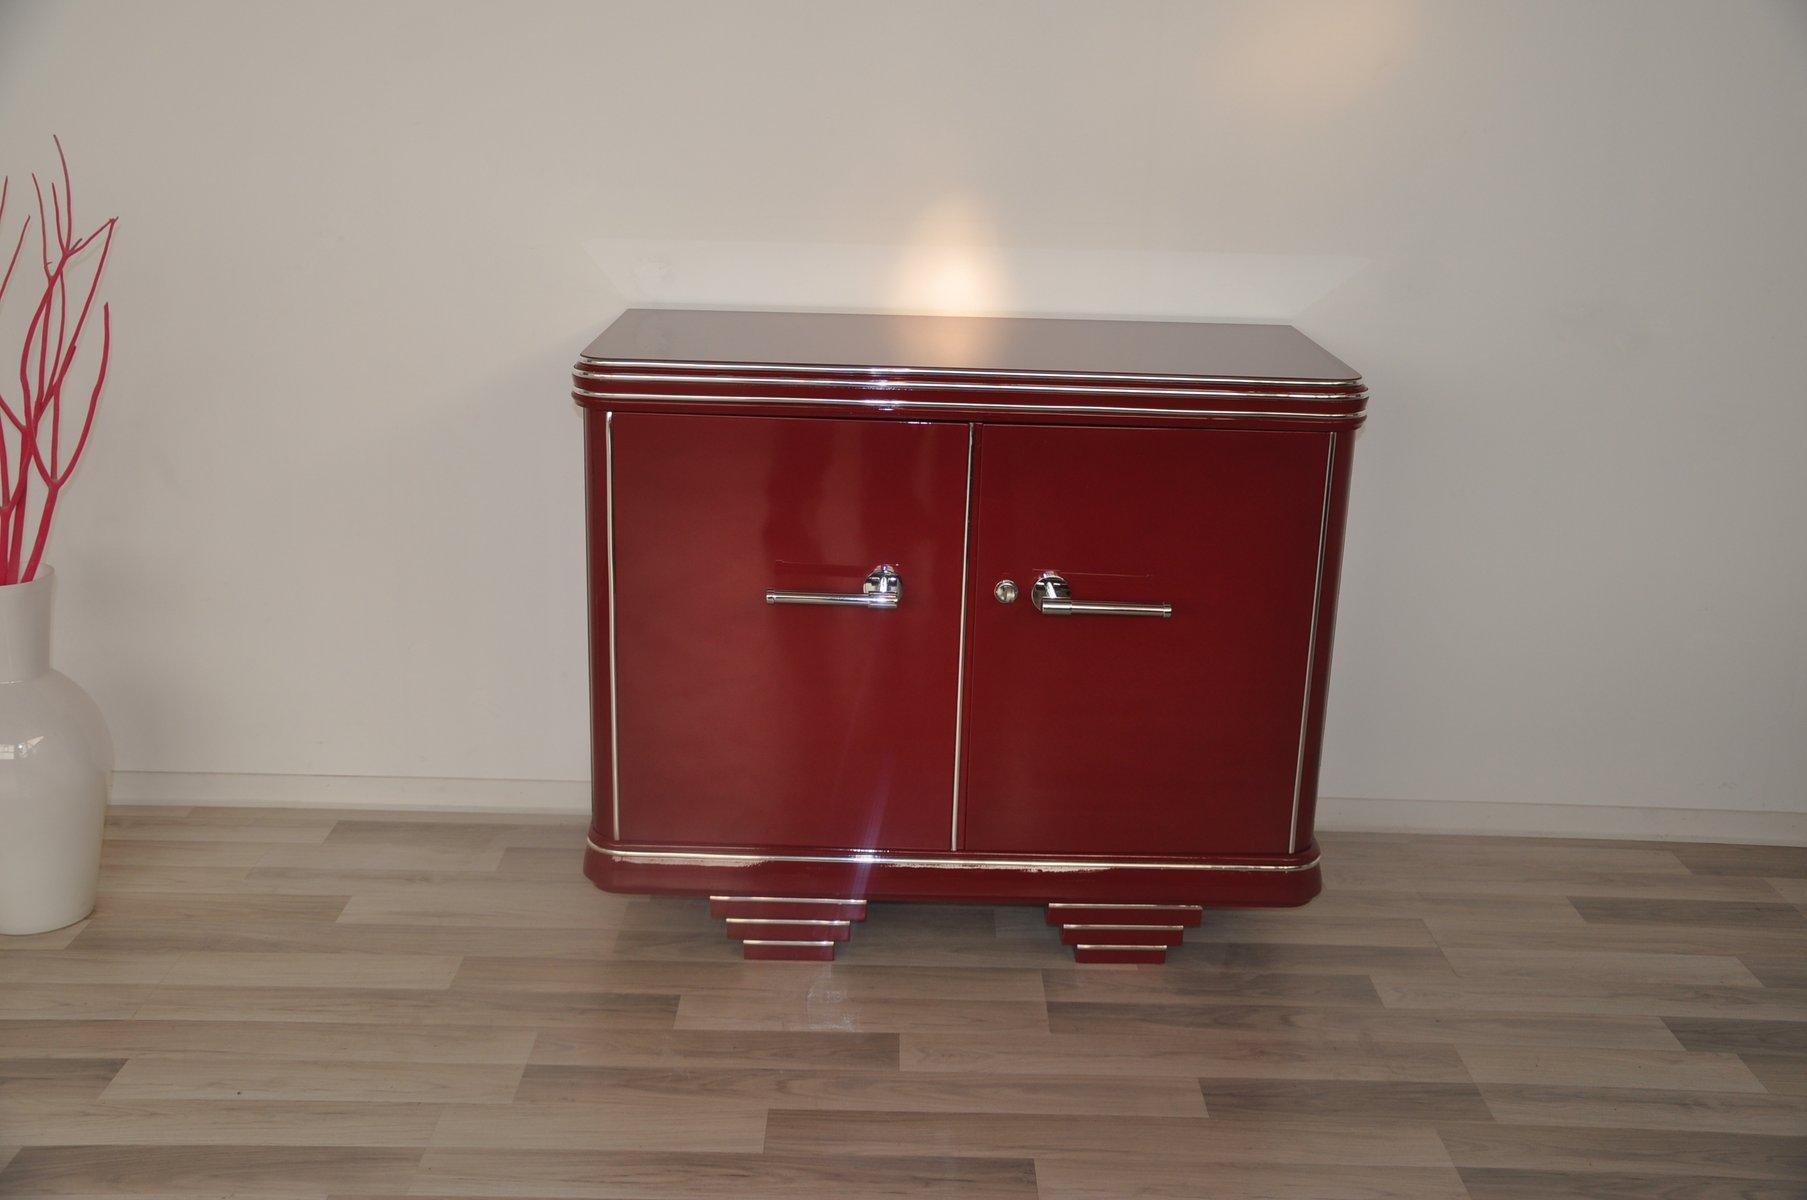 Rote Vintage Kommode, 1920er